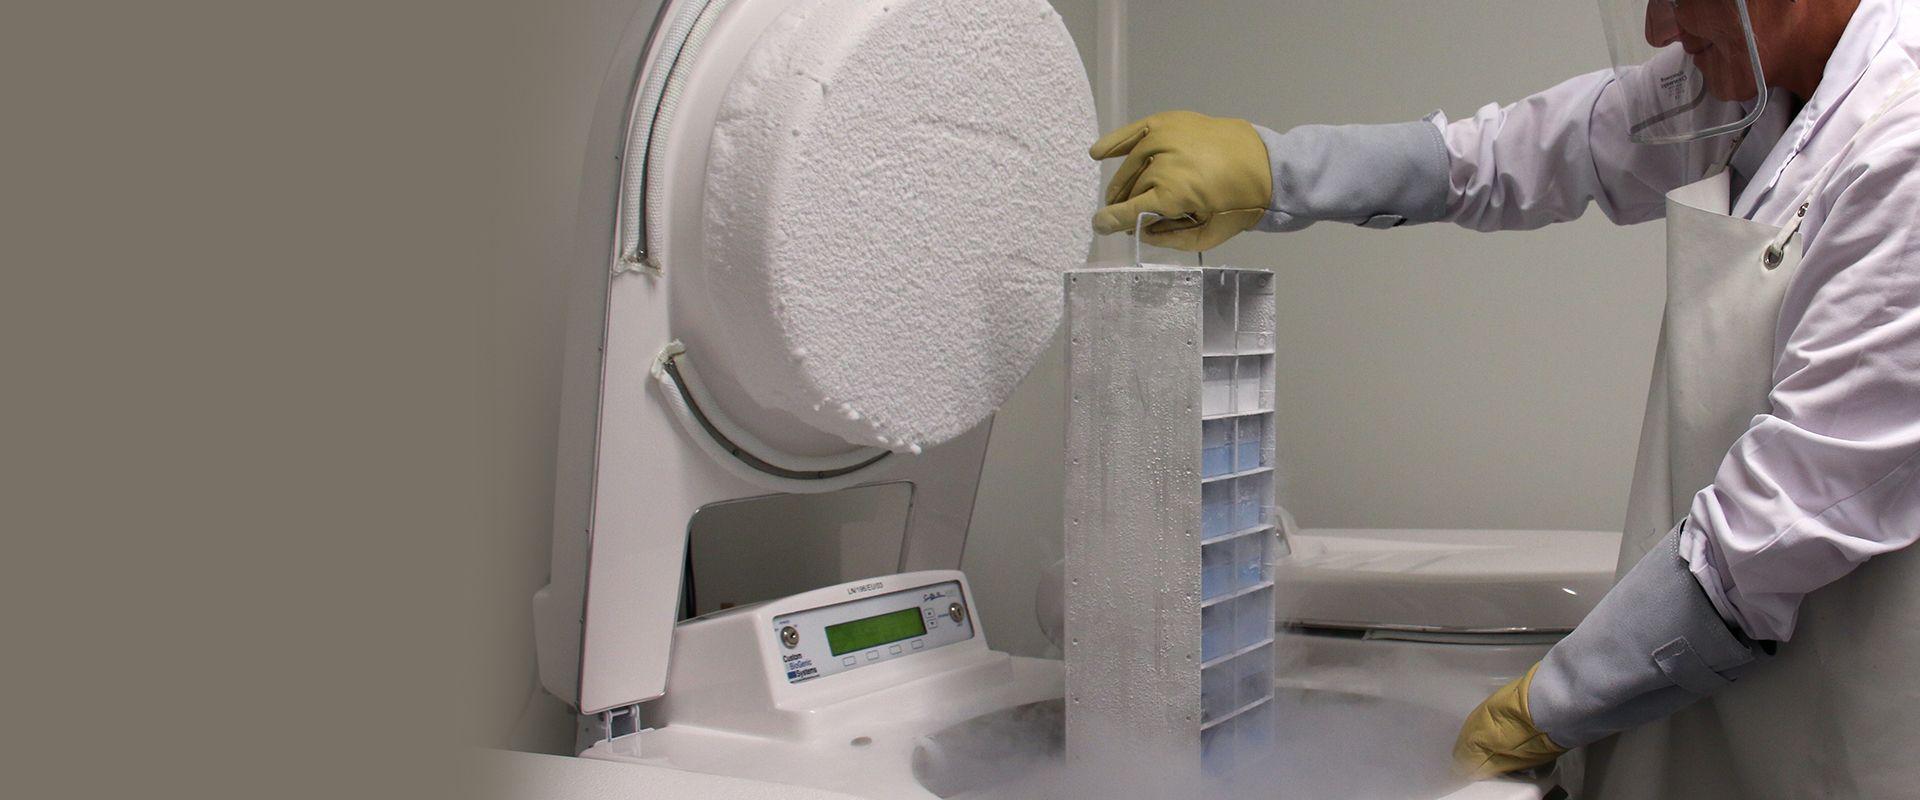 Biorepository BPF